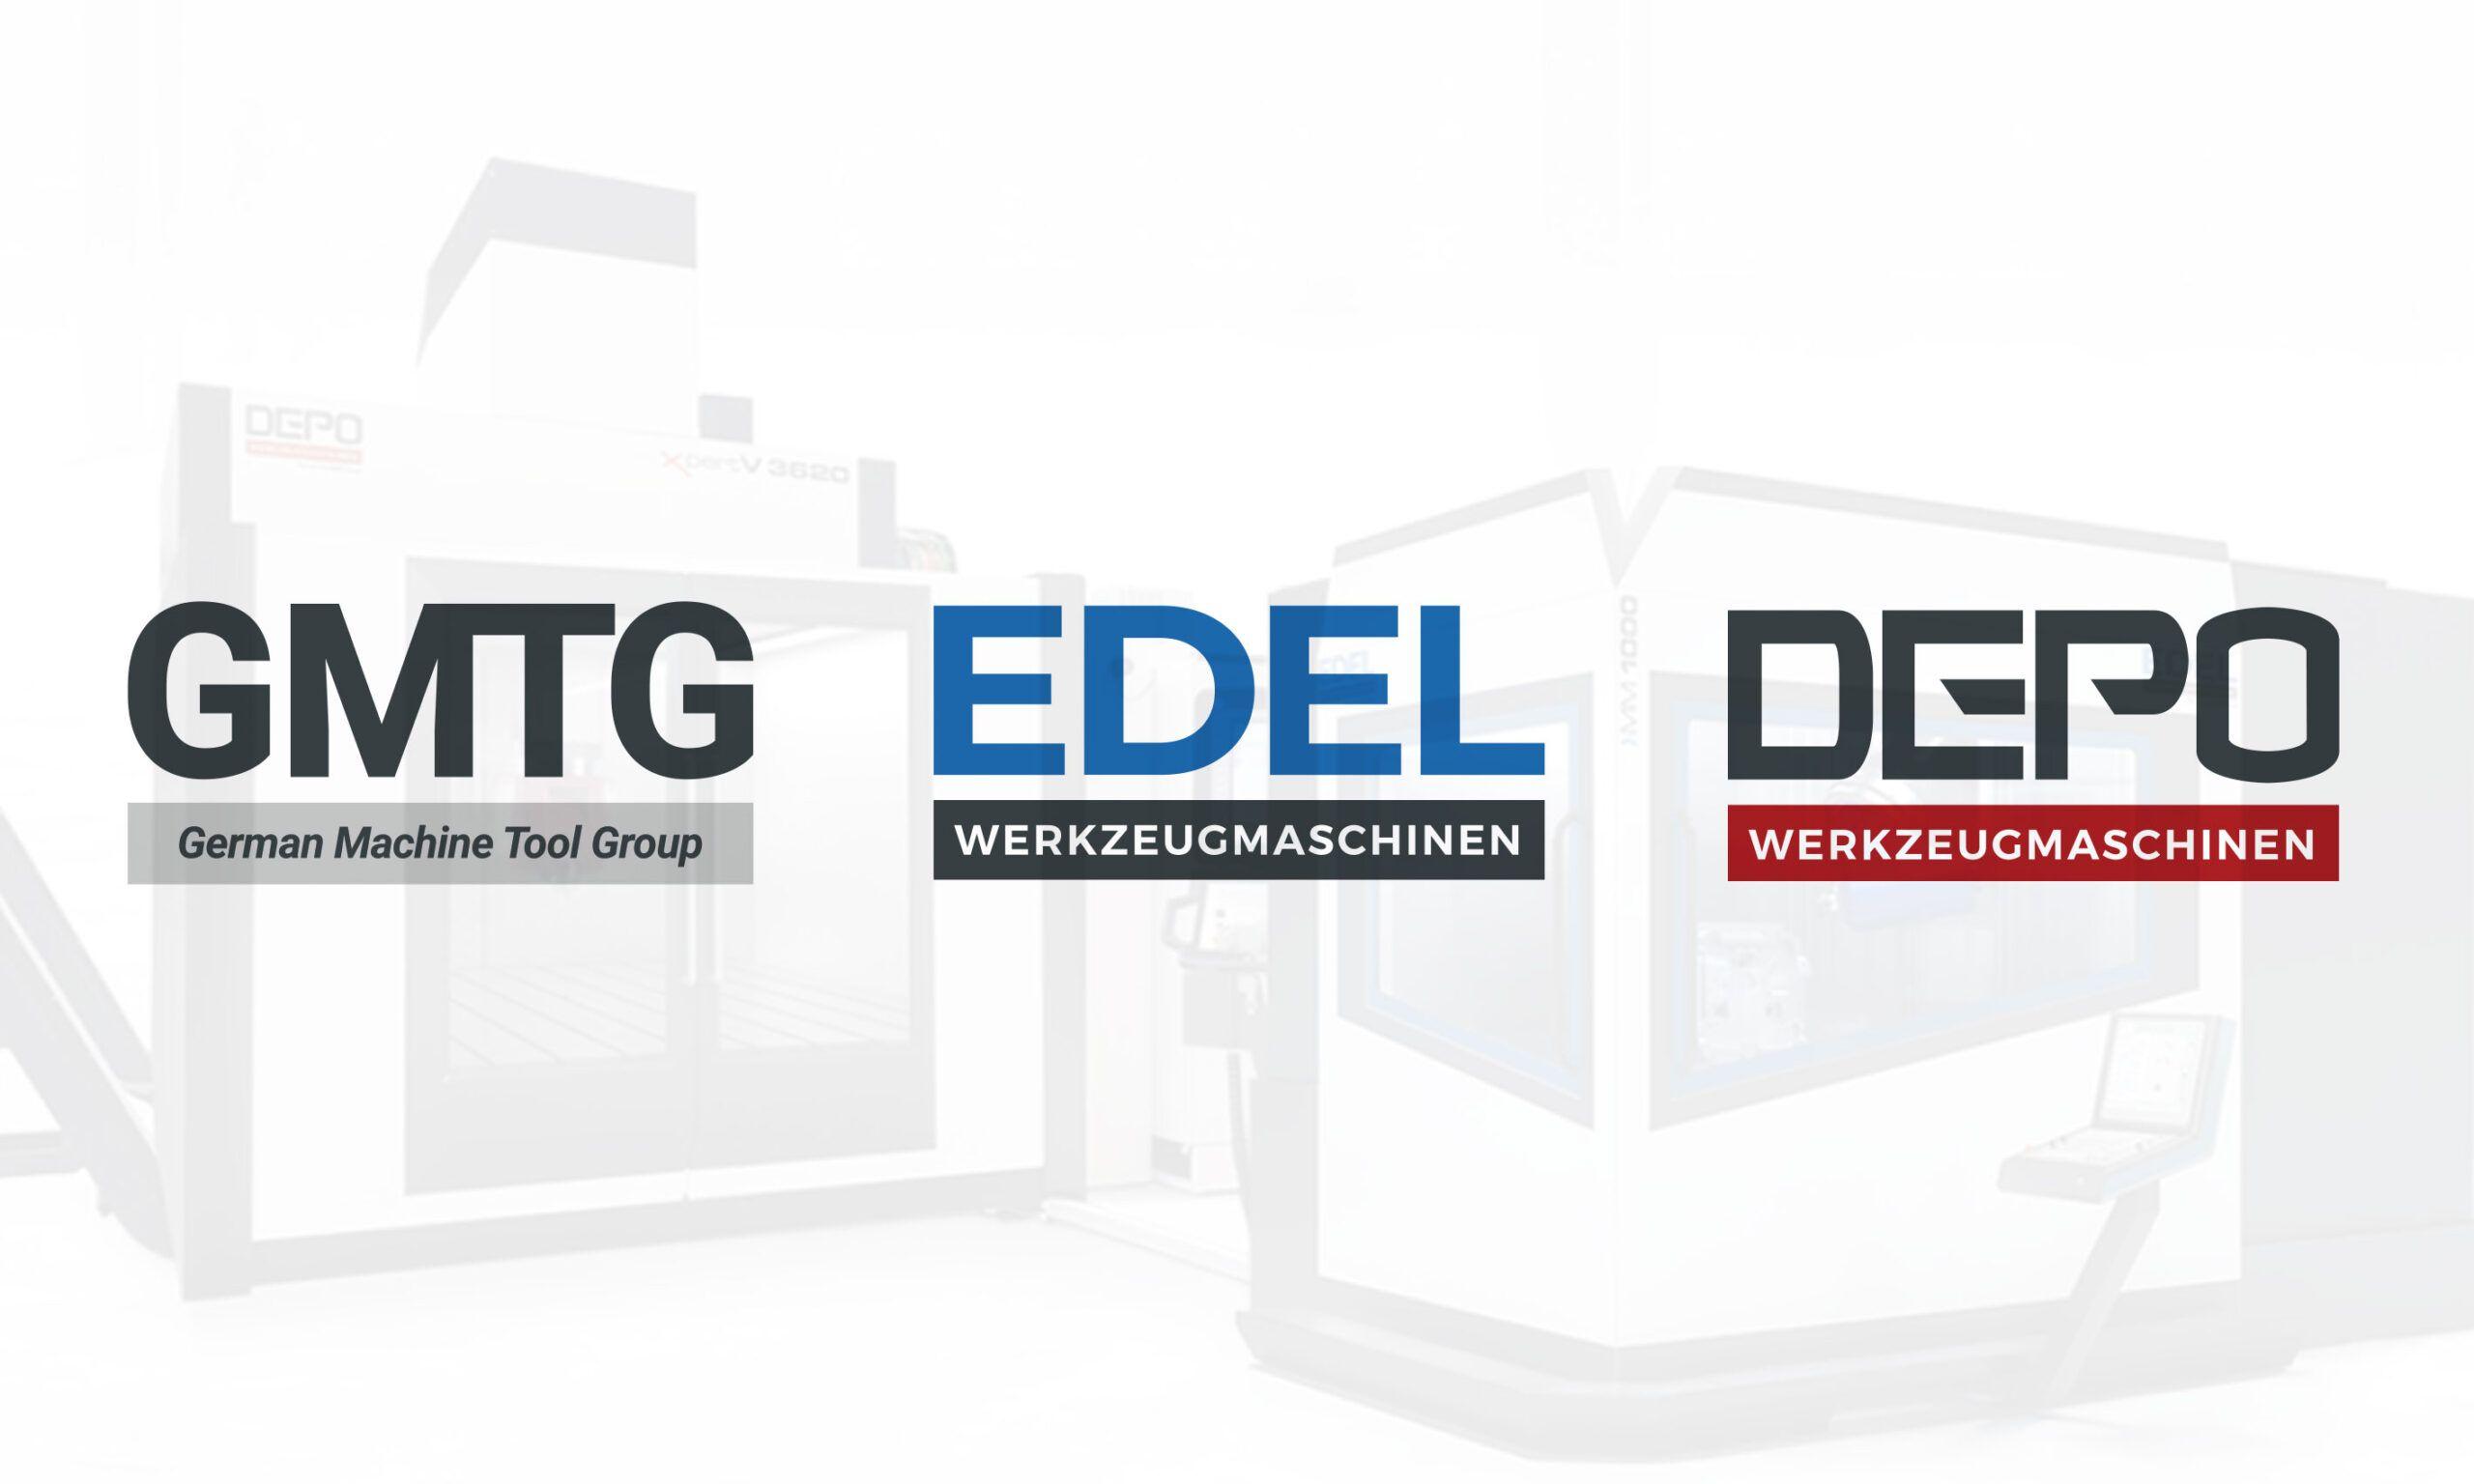 convertero Werkzeugmschinen GMTM DEPO EDEL